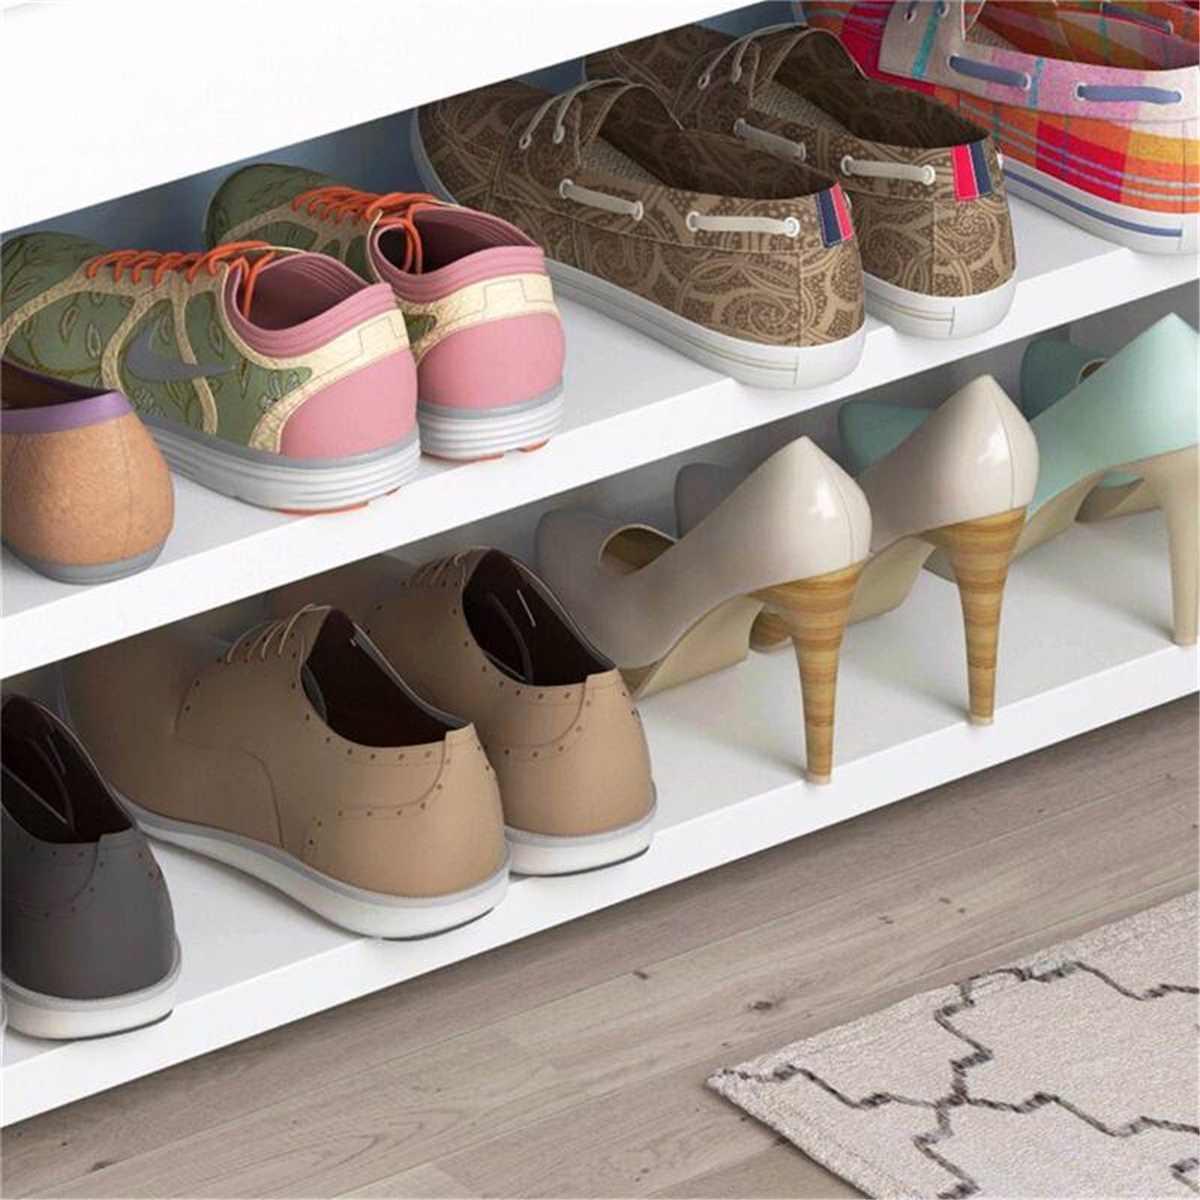 2 الطبقة تخزين الأحذية البراز غرفة المعيشة رف الأحذية تغيير بسيط الأحذية مقعد منظم خزانة المدخل مقعد كرسي حامل الرف